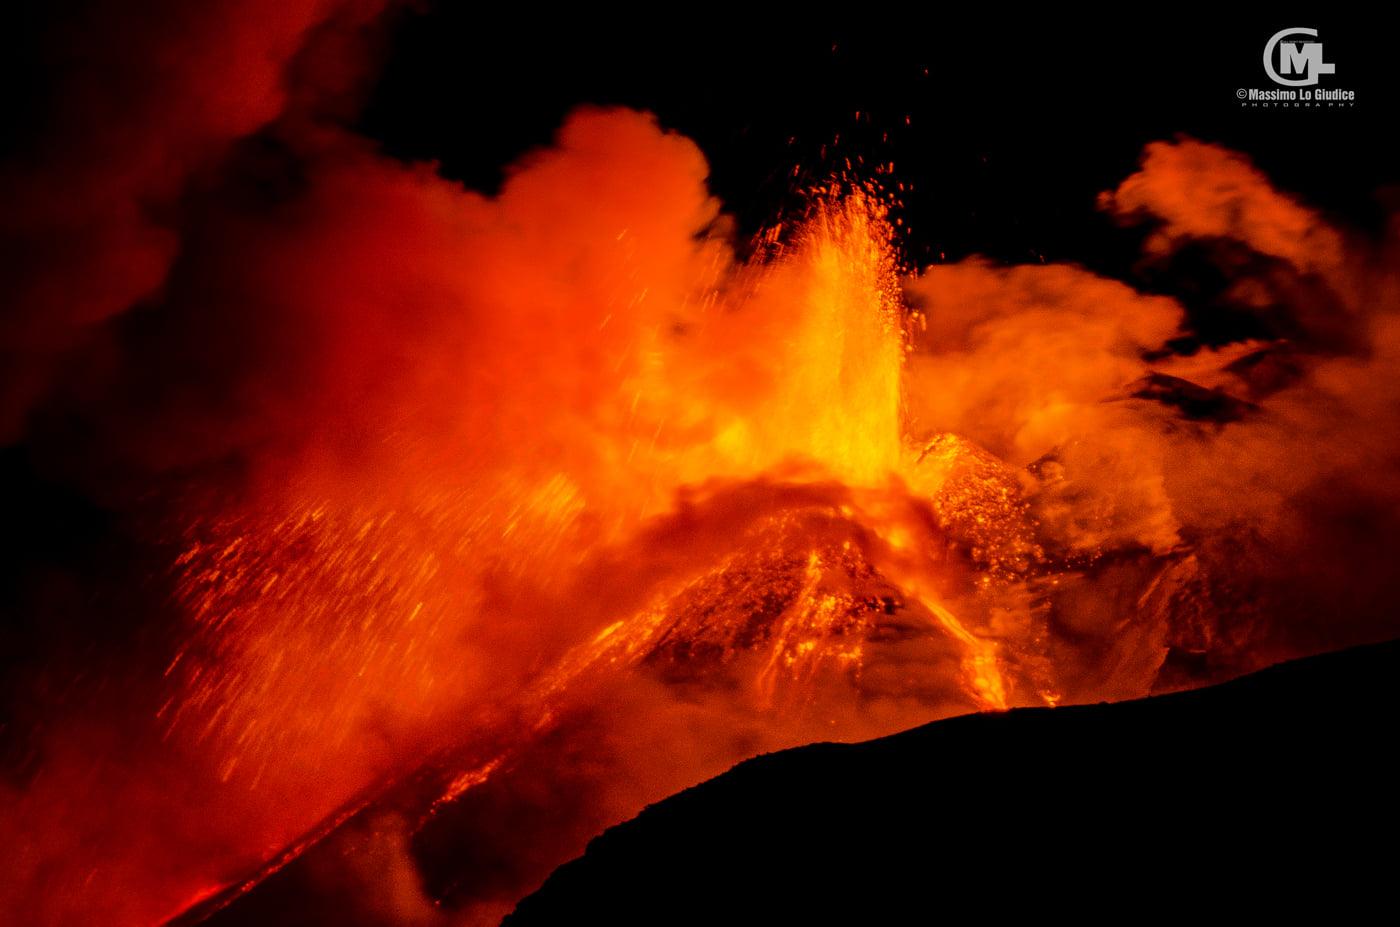 Видовищне шоу: на Сицилії сталося несподіване виверження вулкана - природа, Італія, гори, вулкан - 19 vulkan